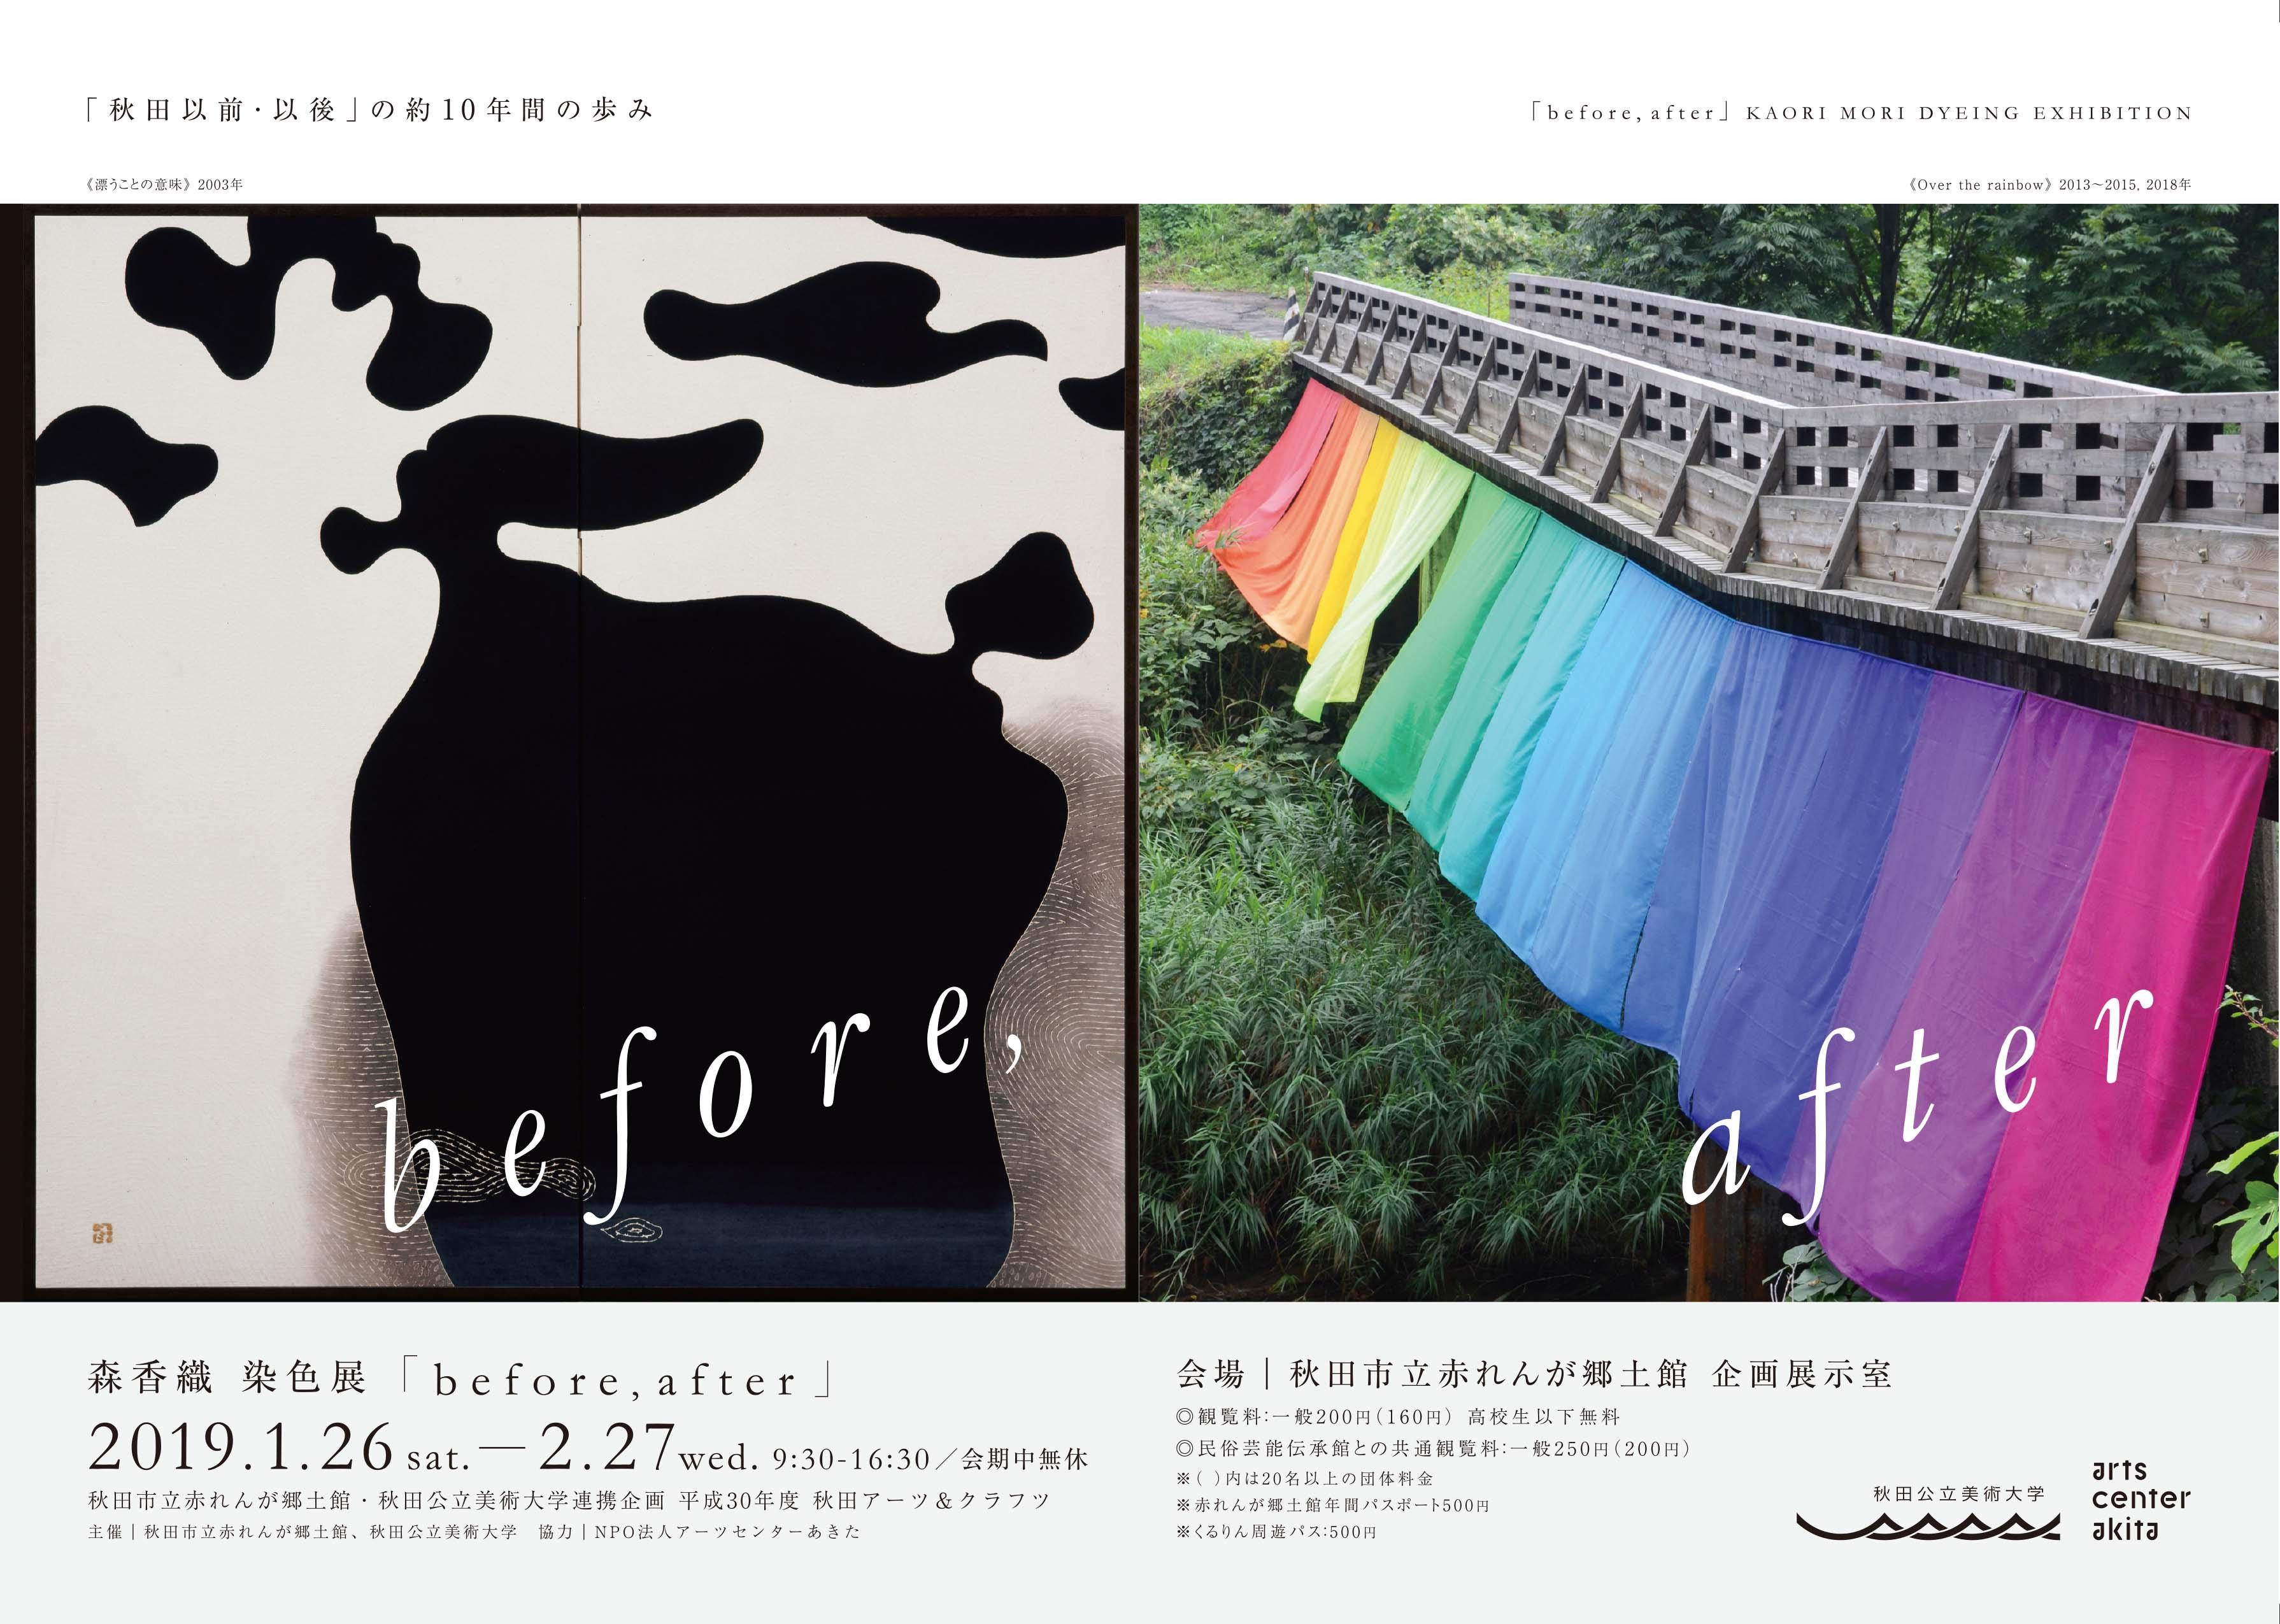 森香織染色展「before, after」